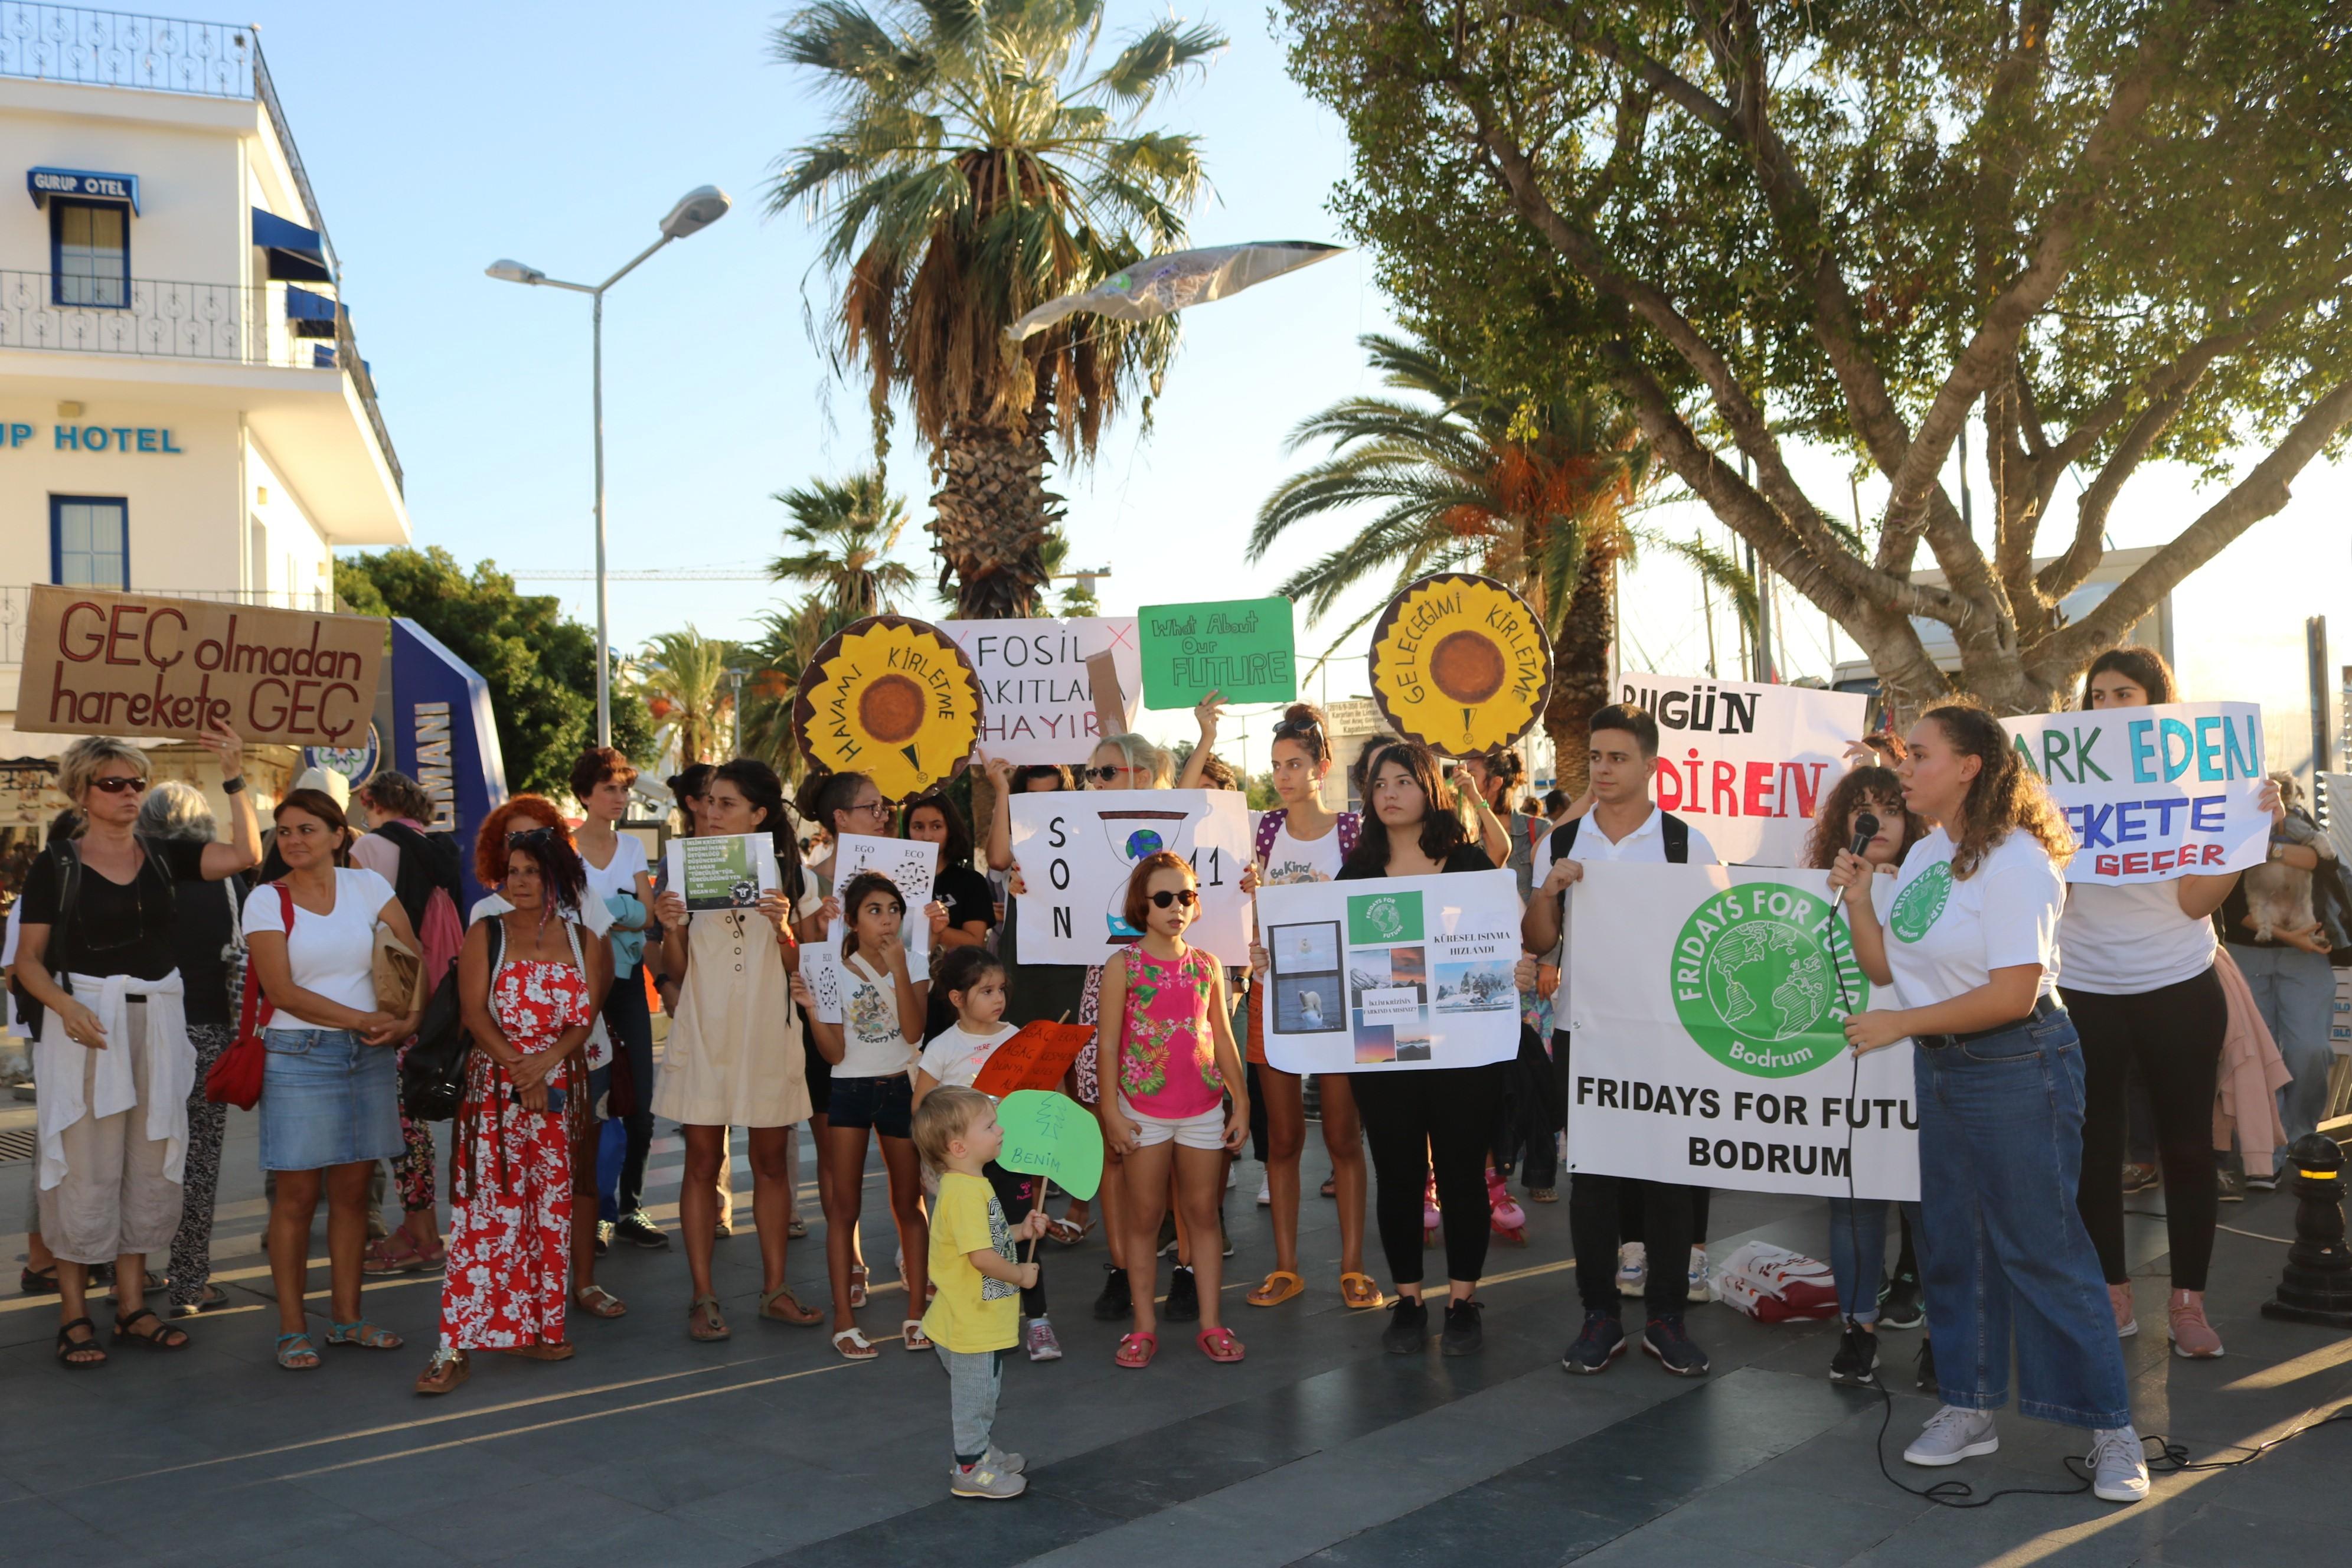 iklim değişikliğine bodrum'dan destek FARKINA VARAN HAREKETE GEÇER… ahmet aras iklim eylemi 3